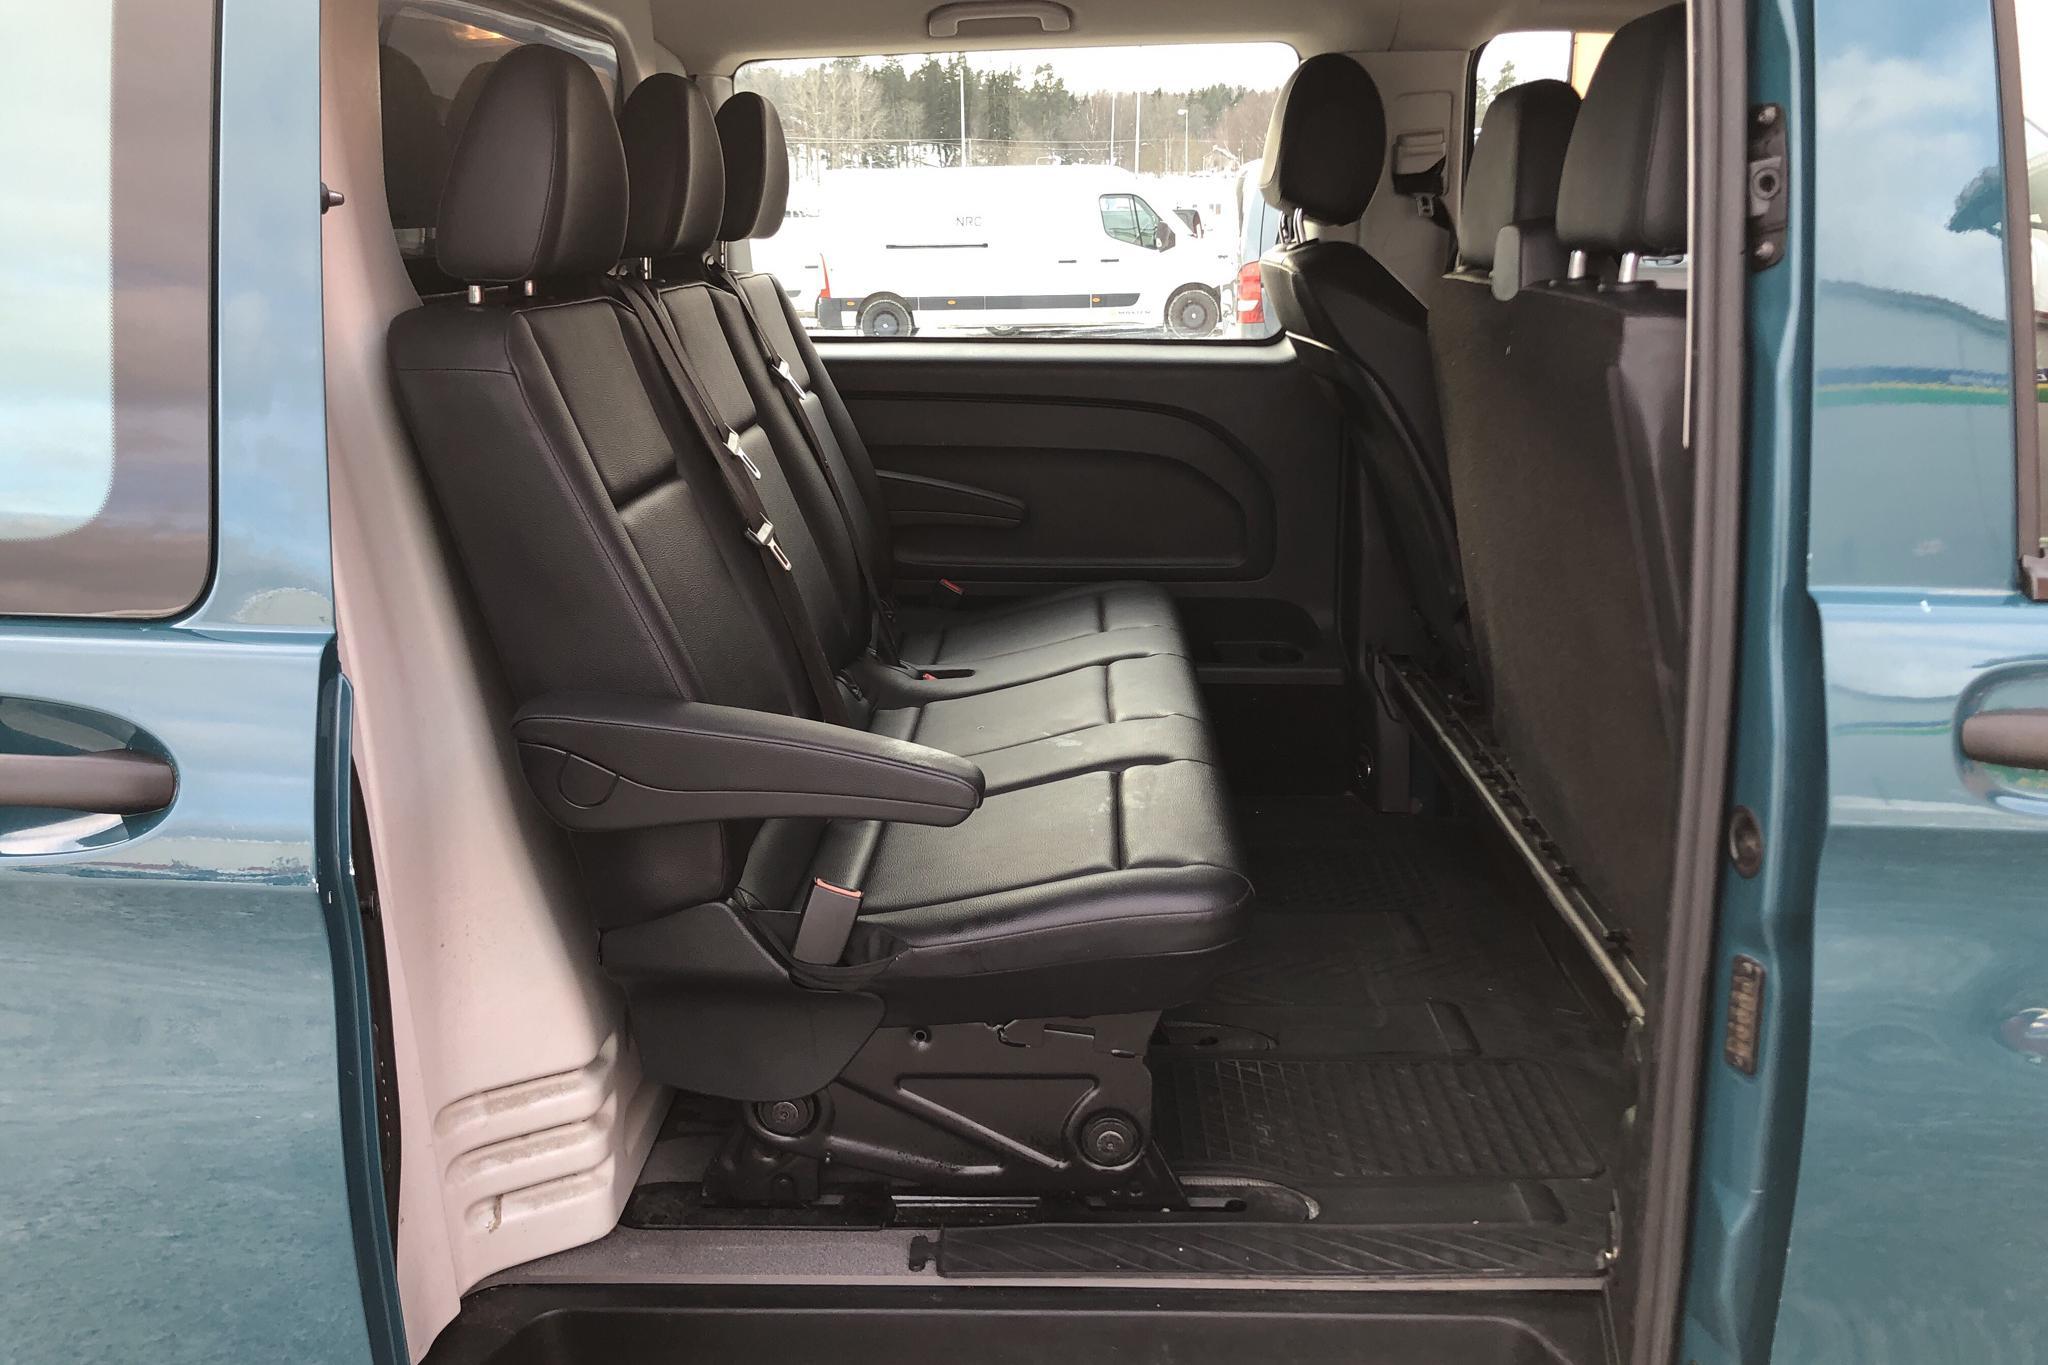 Mercedes Vito 119 BlueTEC 4x4 W640 (190hk) - 194 400 km - Automatic - Dark Green - 2017